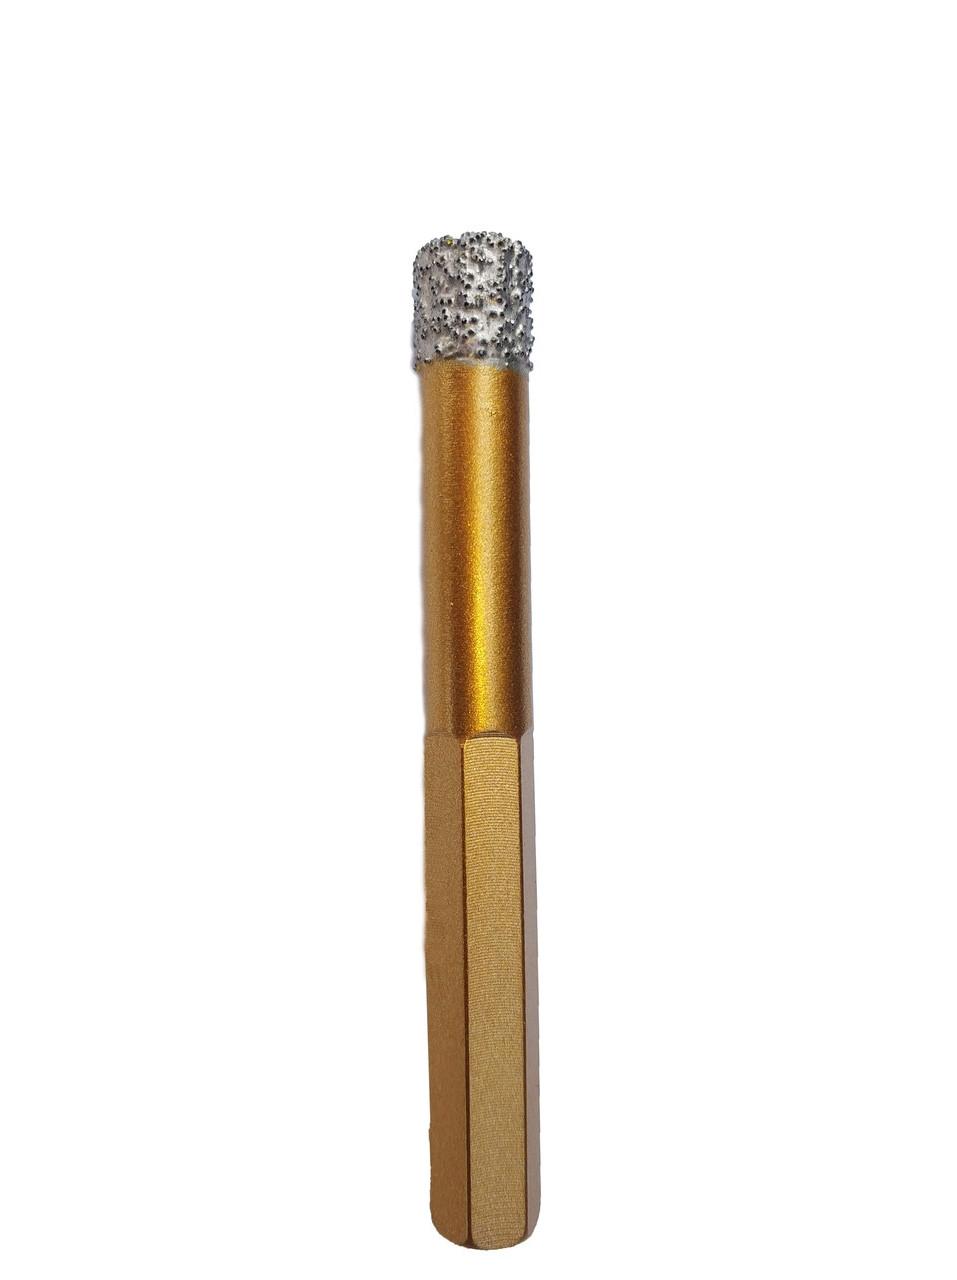 Коронка Craft вакумна з шестигранним хвостовиком для керамограниту 12мм